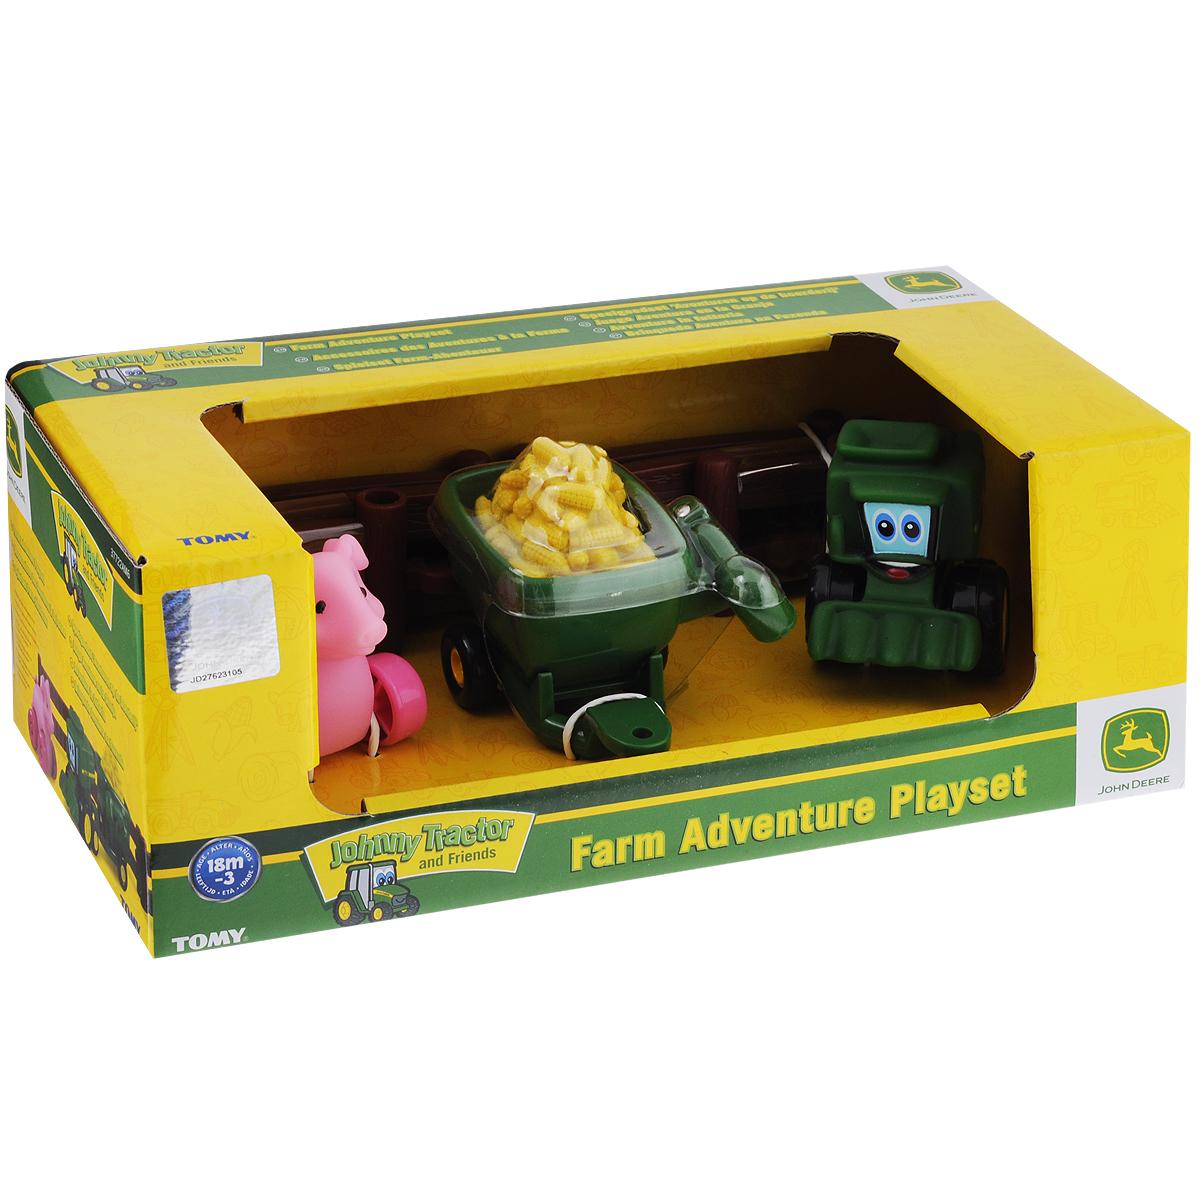 Игровой набор Tomy Приключения трактора Джонни и его друзей на ферме: Поросенок37722_поросенокИгровой набор Tomy Приключения трактора Джонни и его друзей на ферме: Поросенок несомненно понравится вашему ребенку и поможет обеспечить увлекательный досуг. Набор включает трактор, прицеп, поросенка на колесиках, элемент в виде кучи кукурузы и 6 элементов забора. Прицеп можно присоединить как к поросенку, так и к трактору. Предметы выполнены из высококачественного пластика и поставляются в фирменной упаковке. Ваш ребенок будет часами играть с этим игровым набором, придумывая различные истории. Порадуйте его таким интересным набором! Рекомендуемый возраст: от 18 месяцев до 3-х лет.